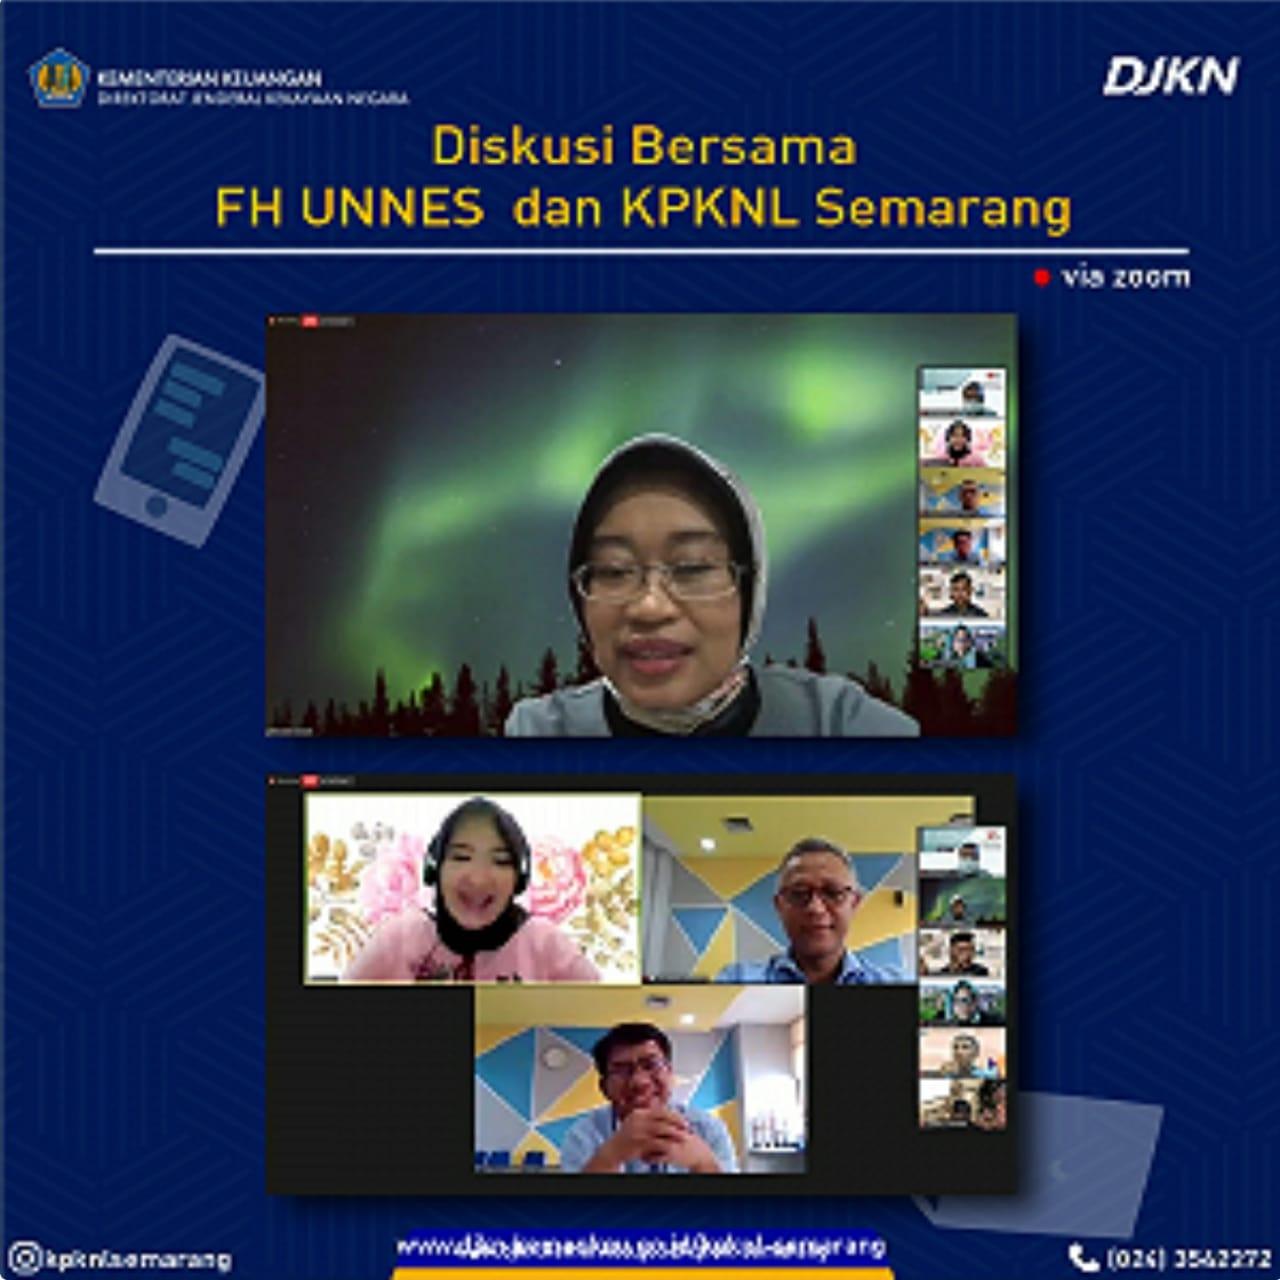 Diskusi Bersama, FH UNNES Kolaborasi dengan KPKNL Semarang Bahas Lelang Hak Tanggungan